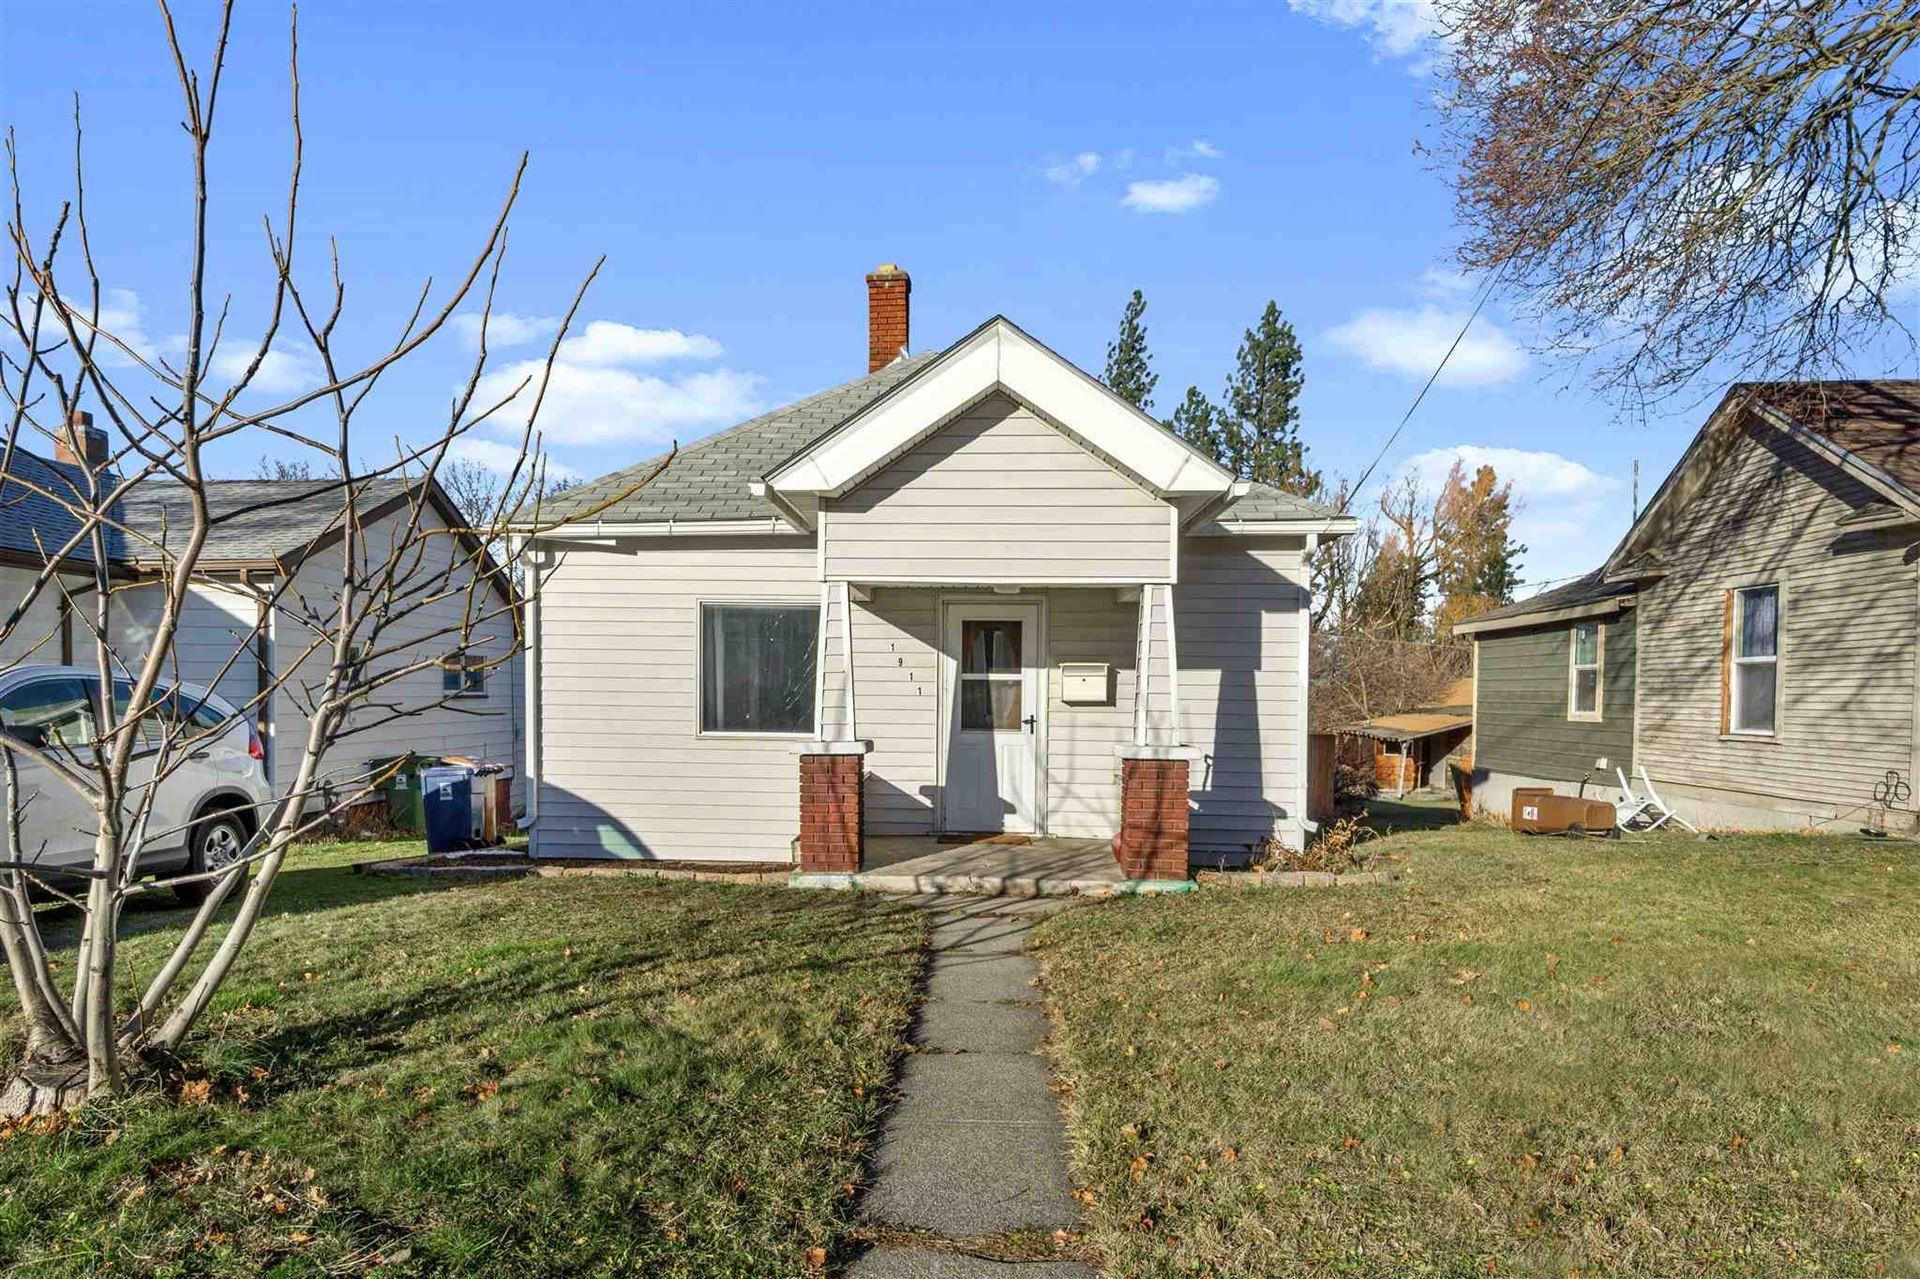 1911 E 11th Ave, Spokane, WA 99202 - #: 202110449